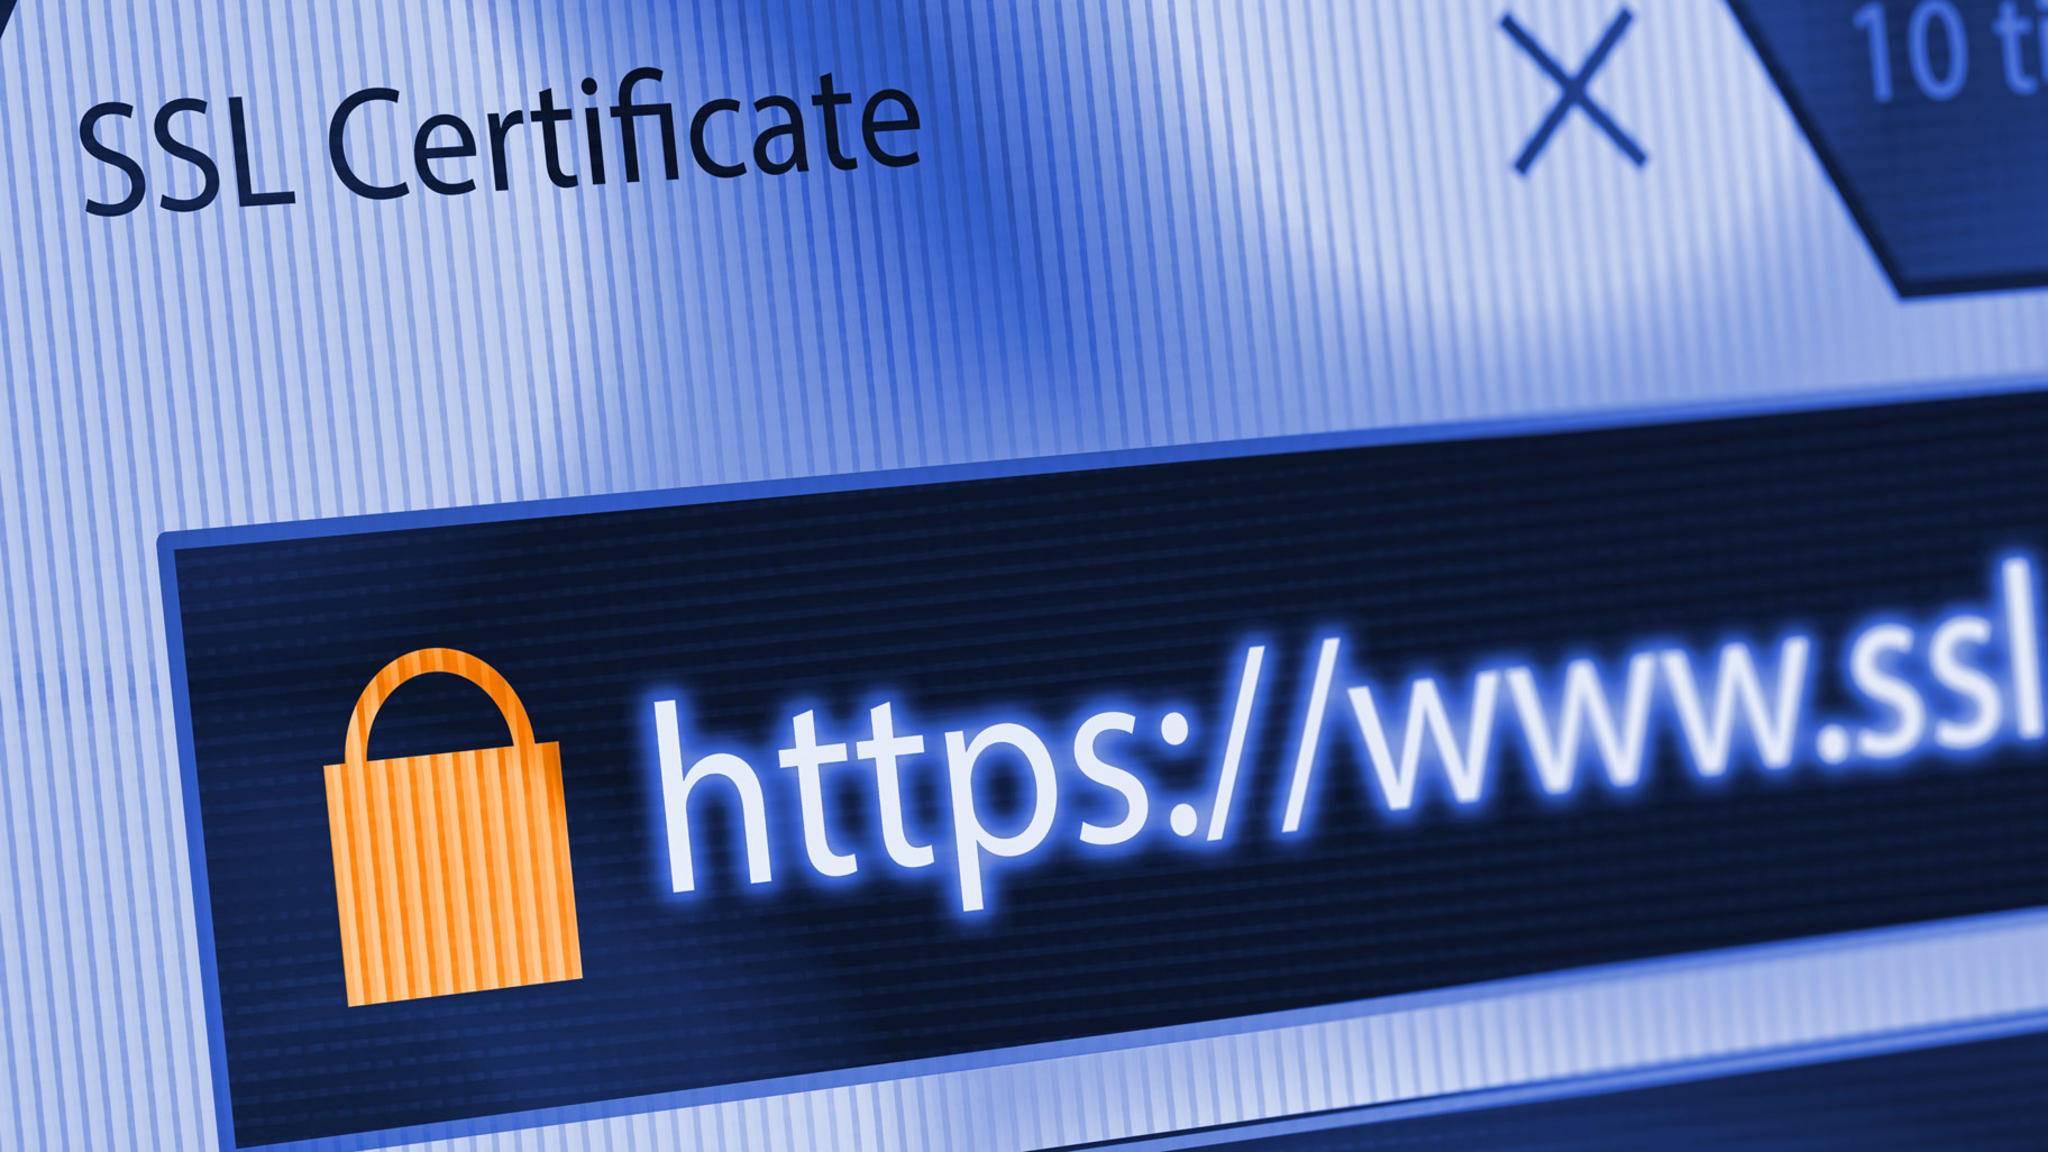 Wenn das SSL-Zertifikat einer Webseite ungültig ist, warnt Dich Firefox davor.